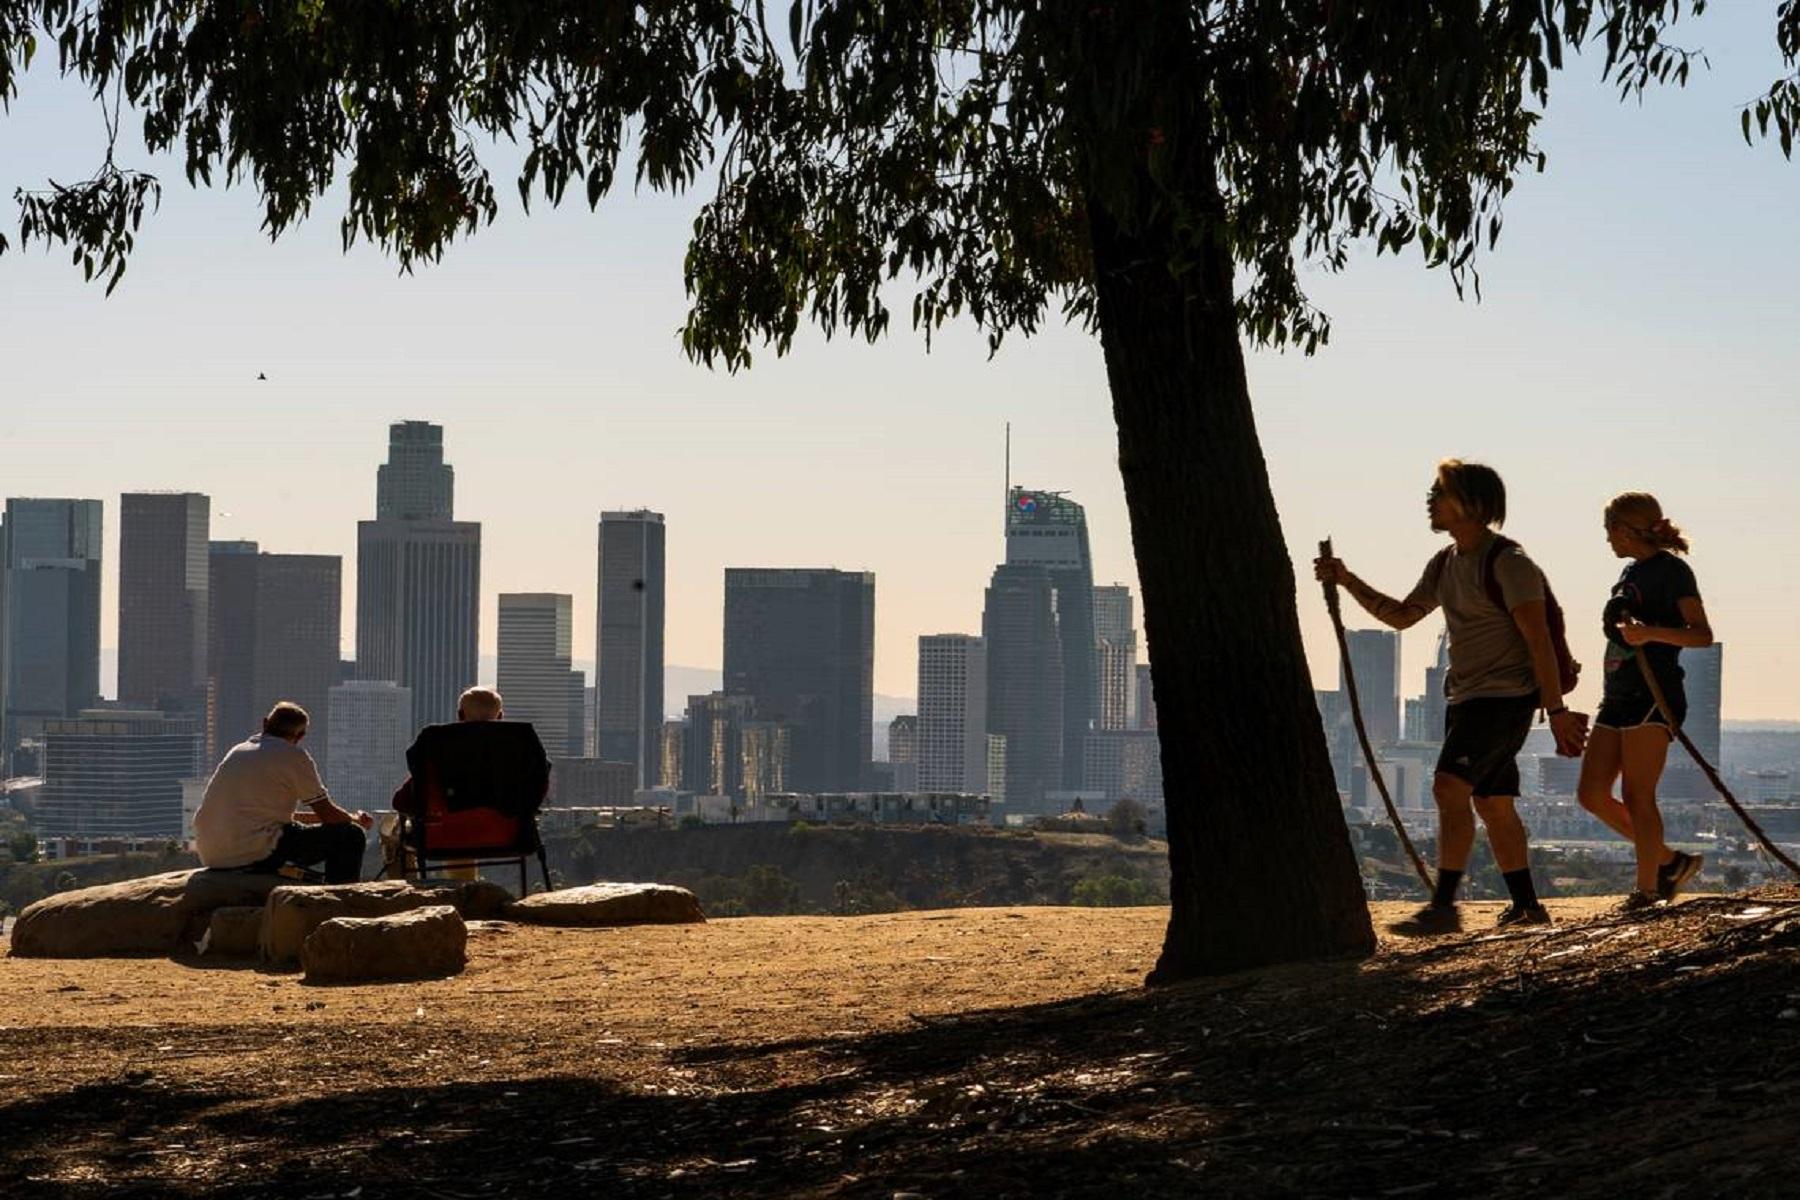 ΗΠΑ Covid-19: Ο πληθυσμός της Καλιφόρνιας μειώνεται για πρώτη φορά στην ιστορία της πολιτείας